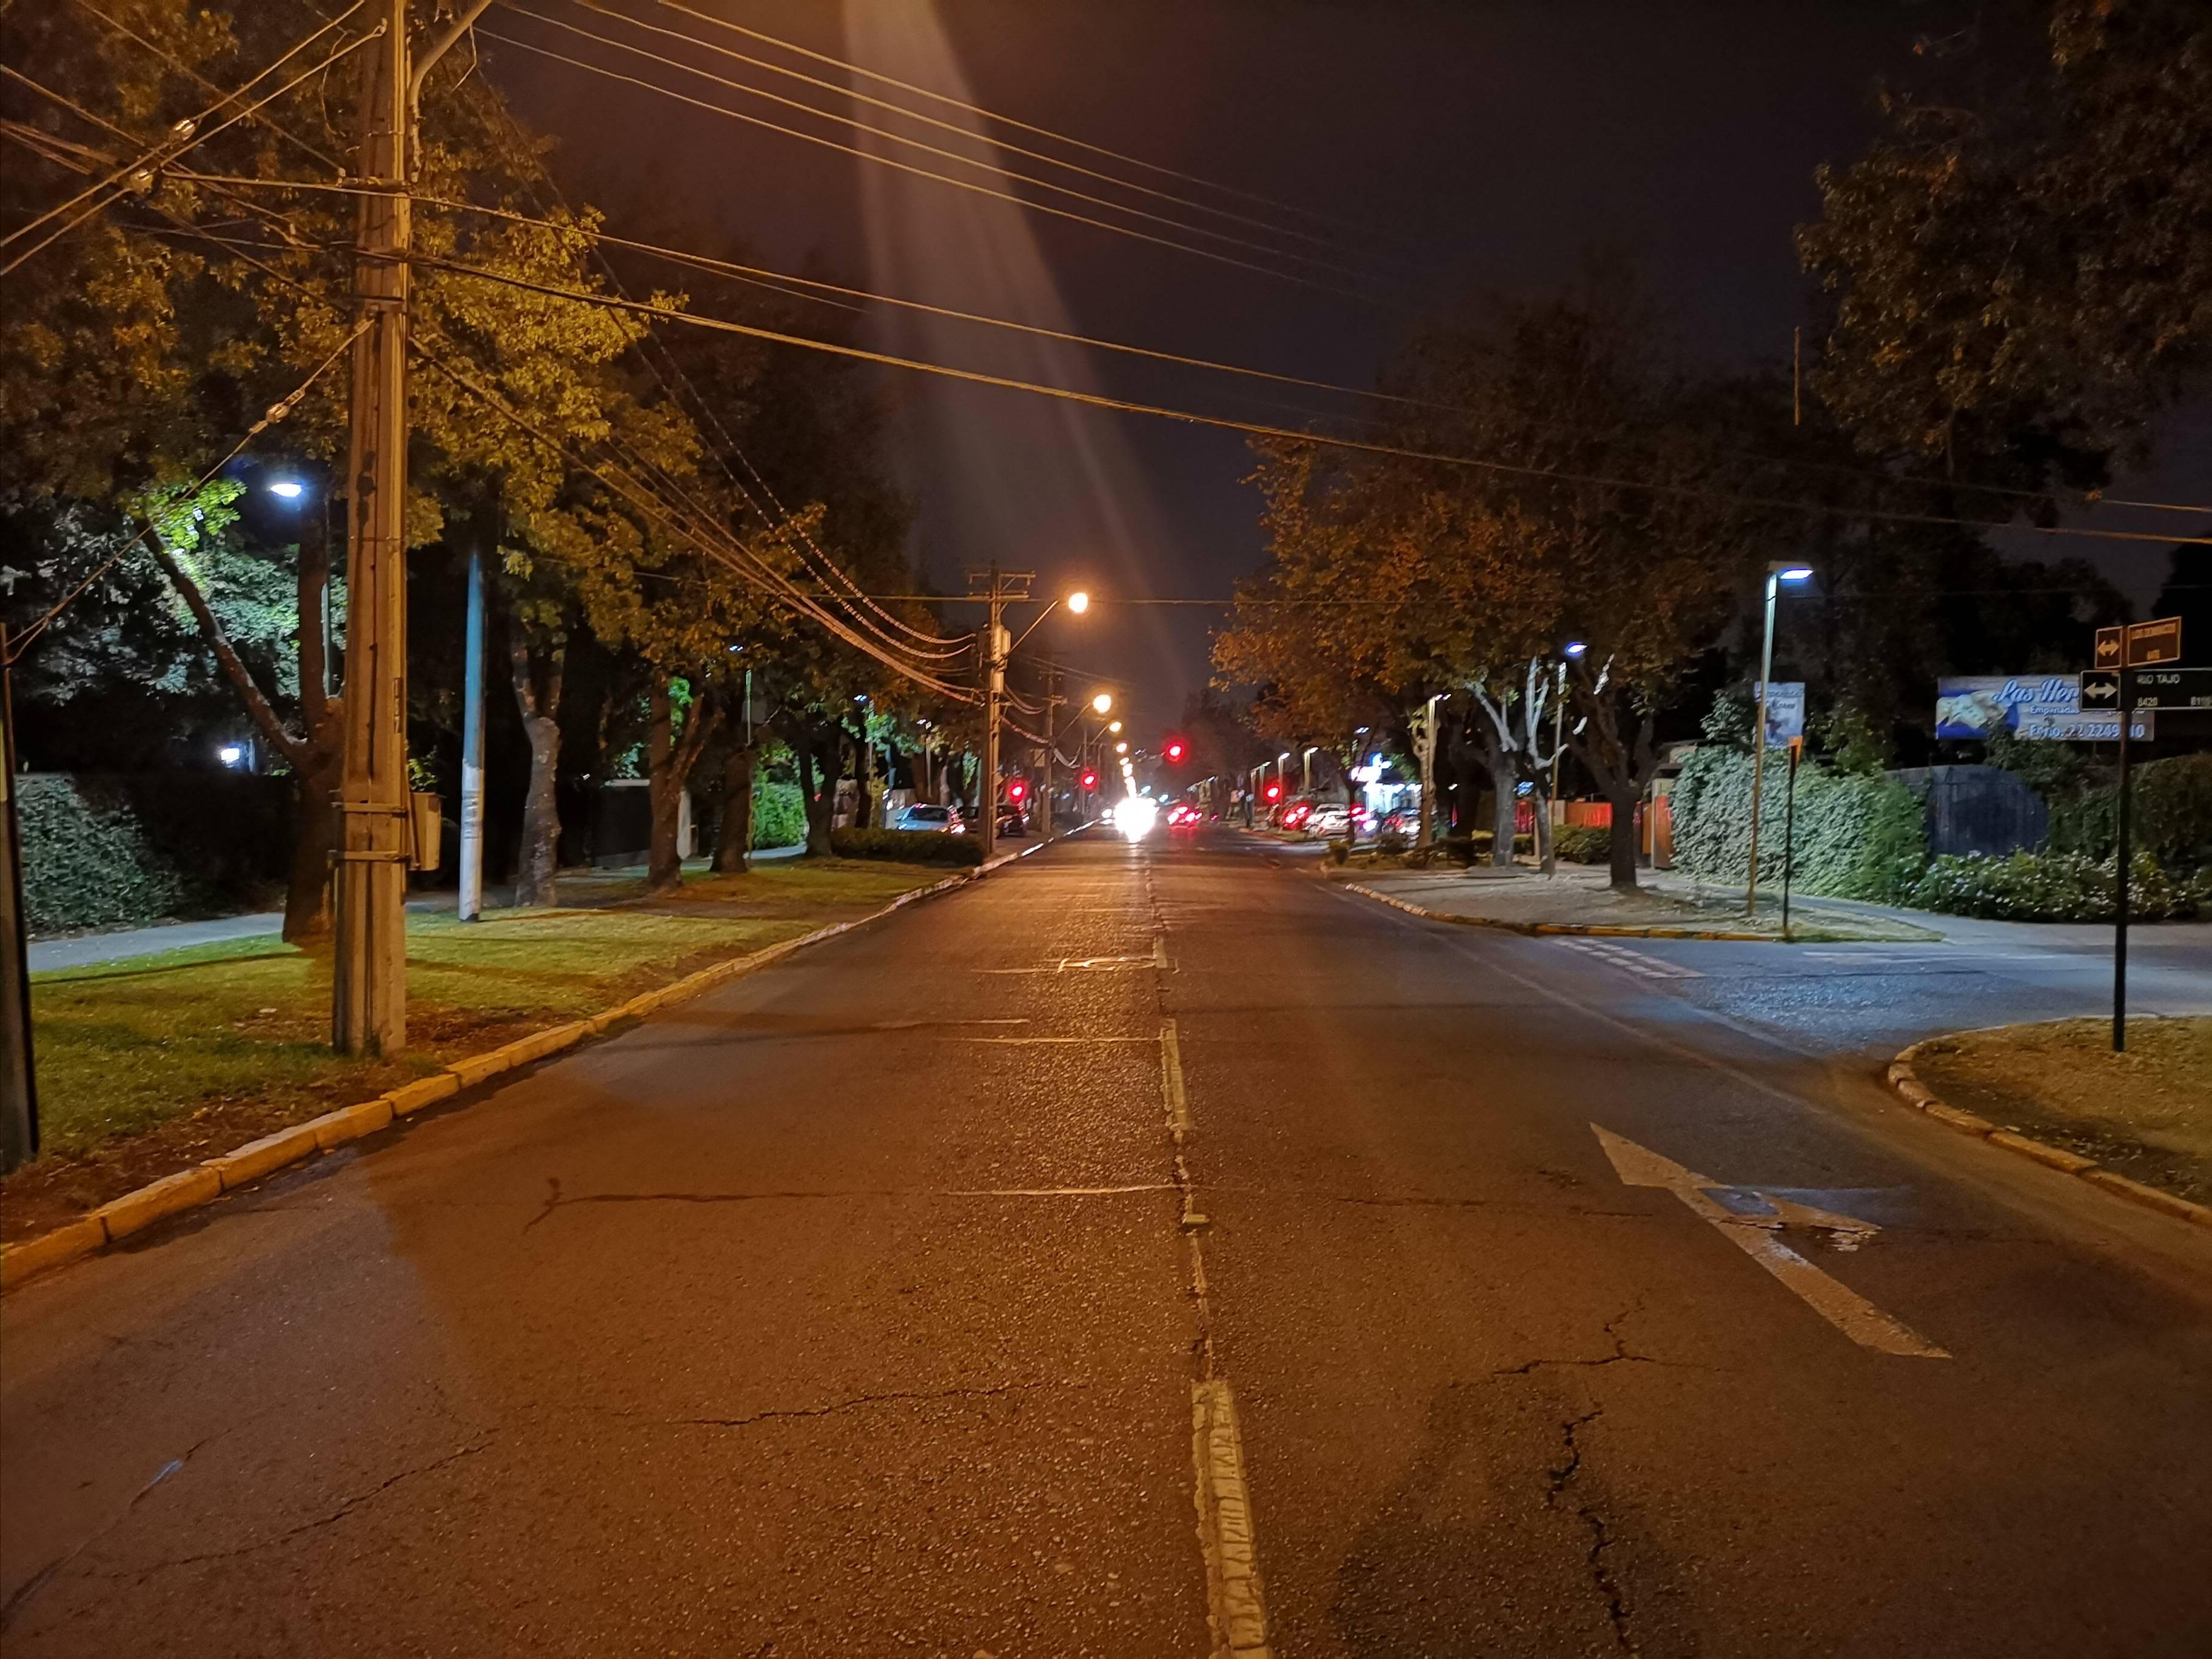 Calle de noche P20 Pro